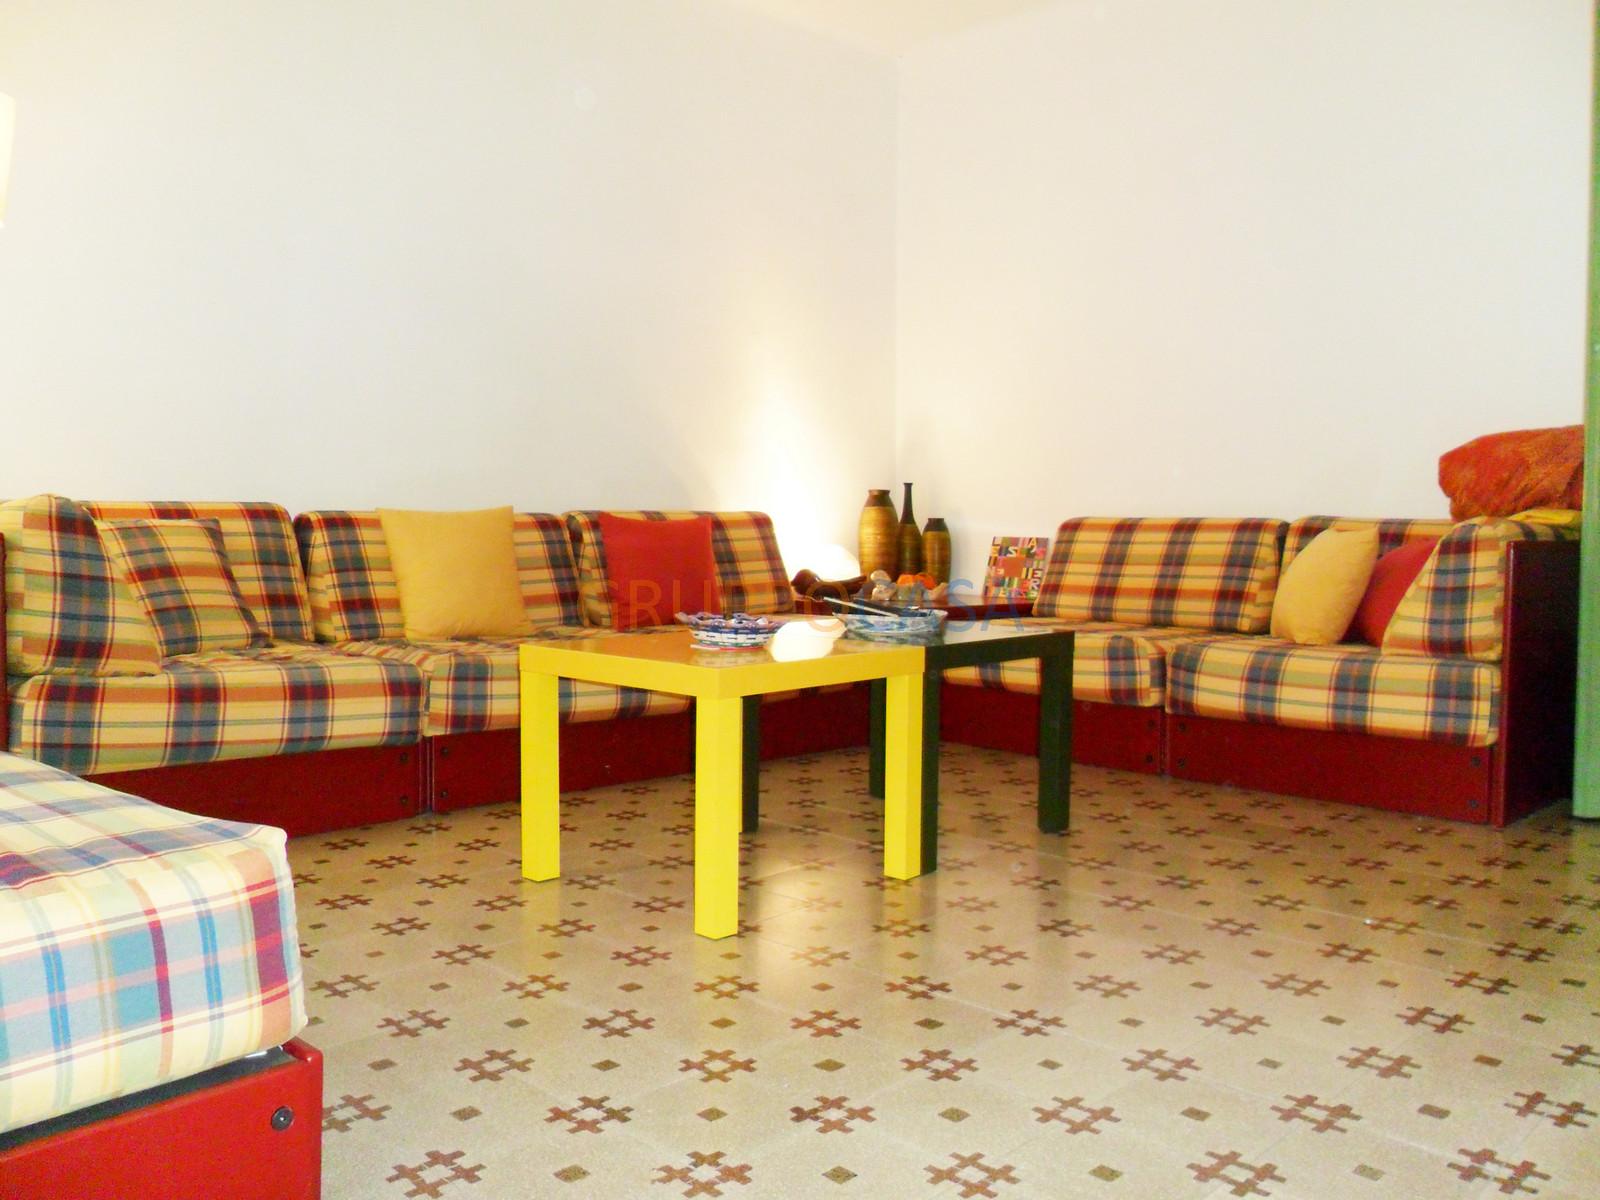 Palazzo / Stabile in vendita a Pescia, 6 locali, zona Località: Centro, prezzo € 265.000 | Cambio Casa.it